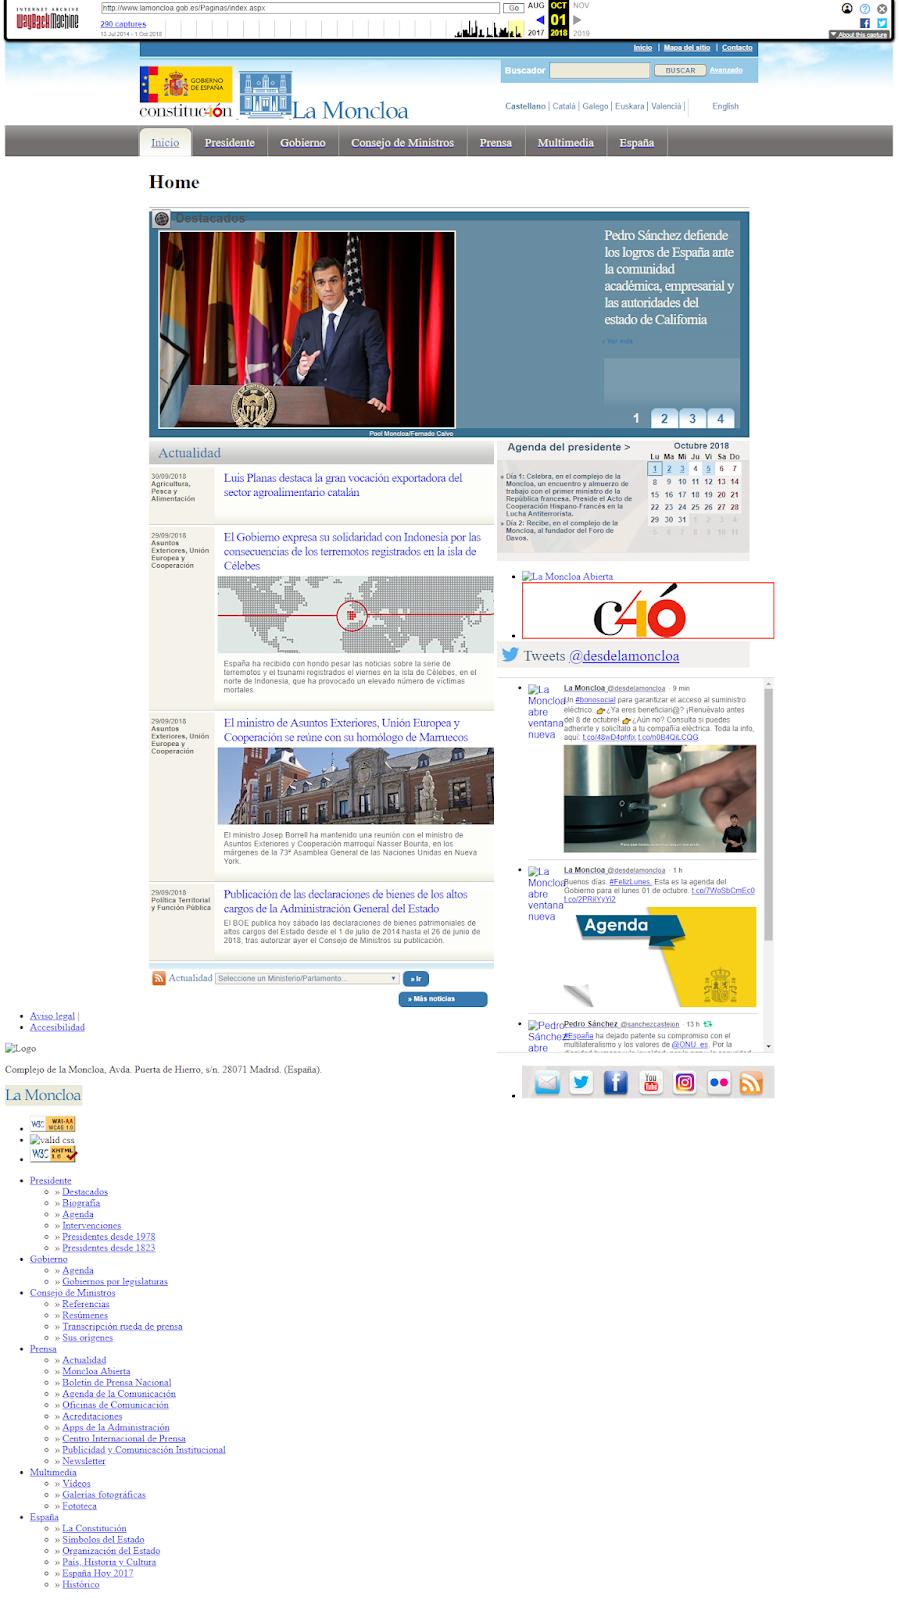 usó de archive.org para visualizar la antigua web de la moncloa